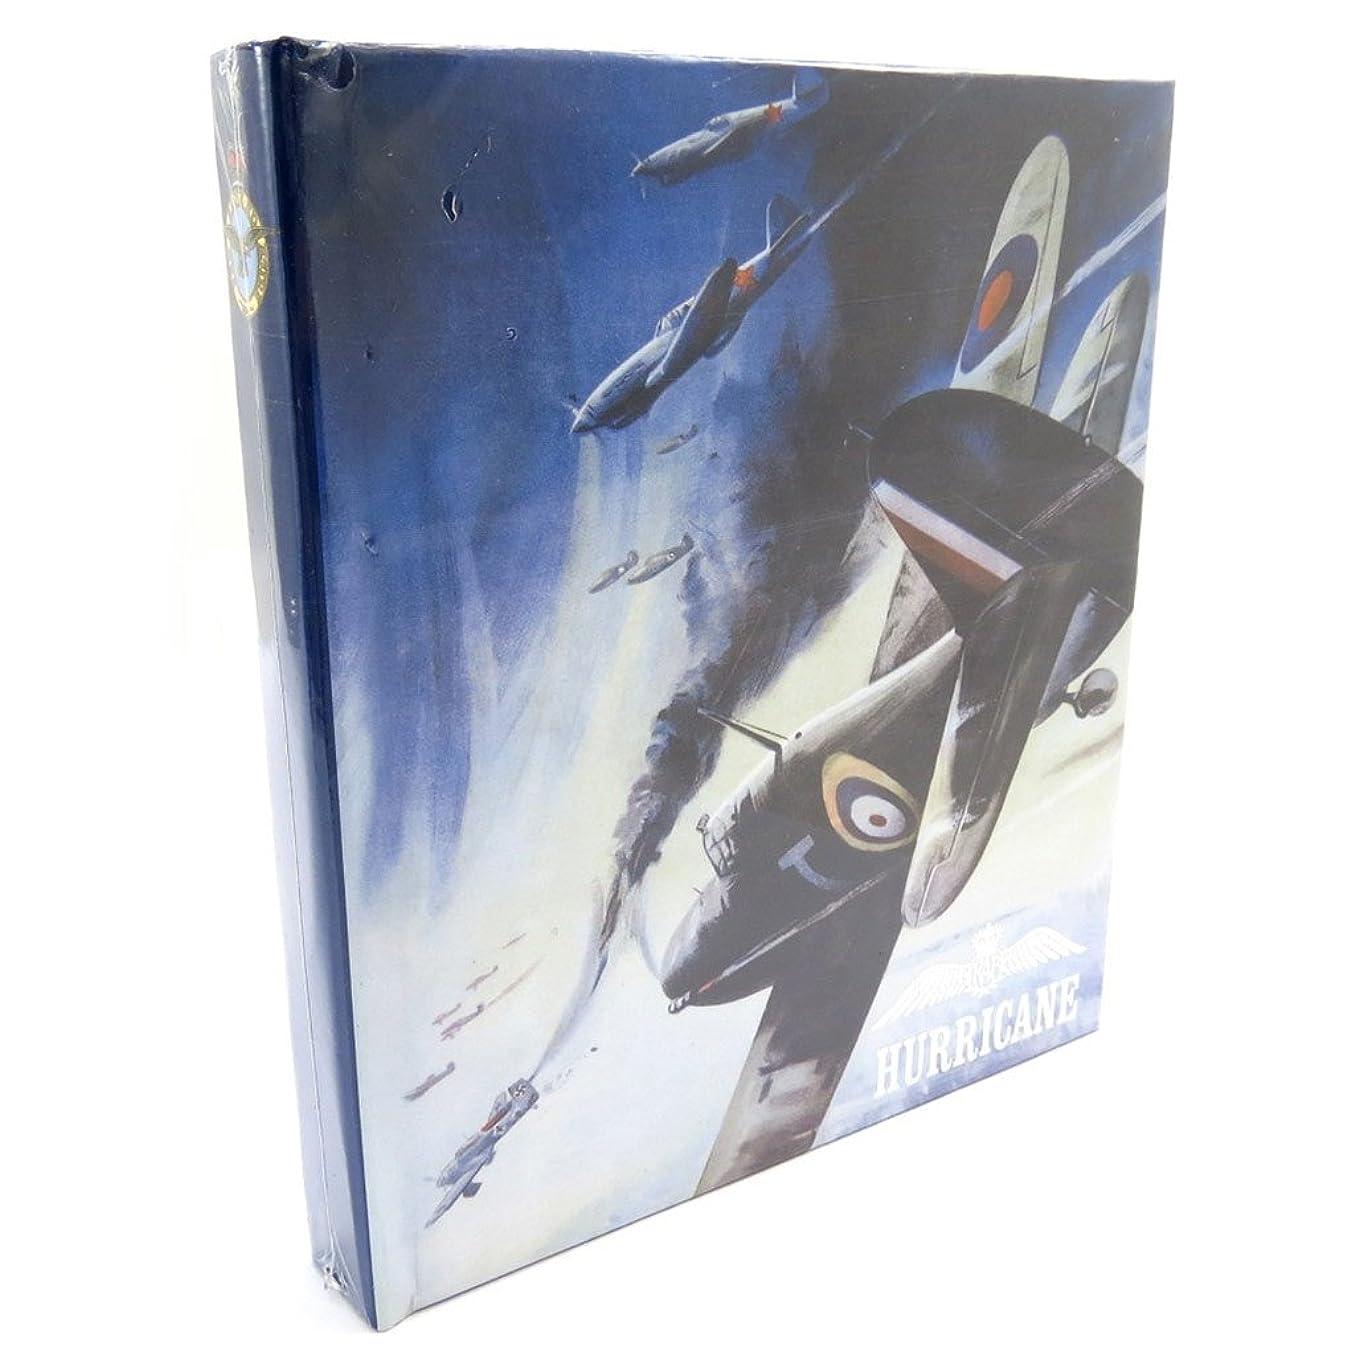 [英国空軍 (Royal Air Force)] (Royal Air Force コレクション) [K2306] ノート ブルー